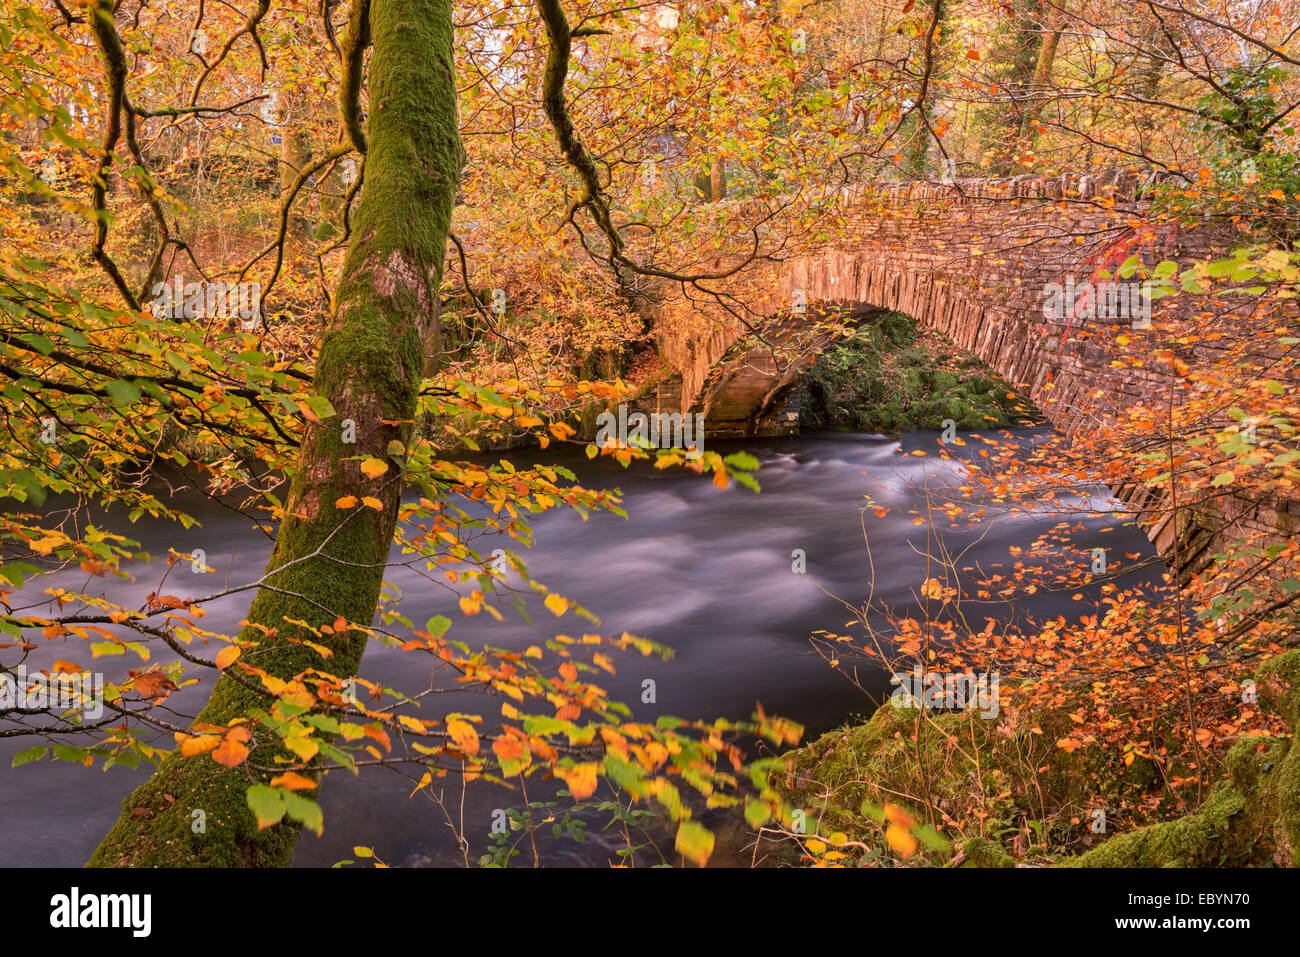 Colorido follaje otoñal en las orillas del río cerca del puente Clappersgate Brathay, Lake District, Cumbria, Inglaterra. Foto de stock